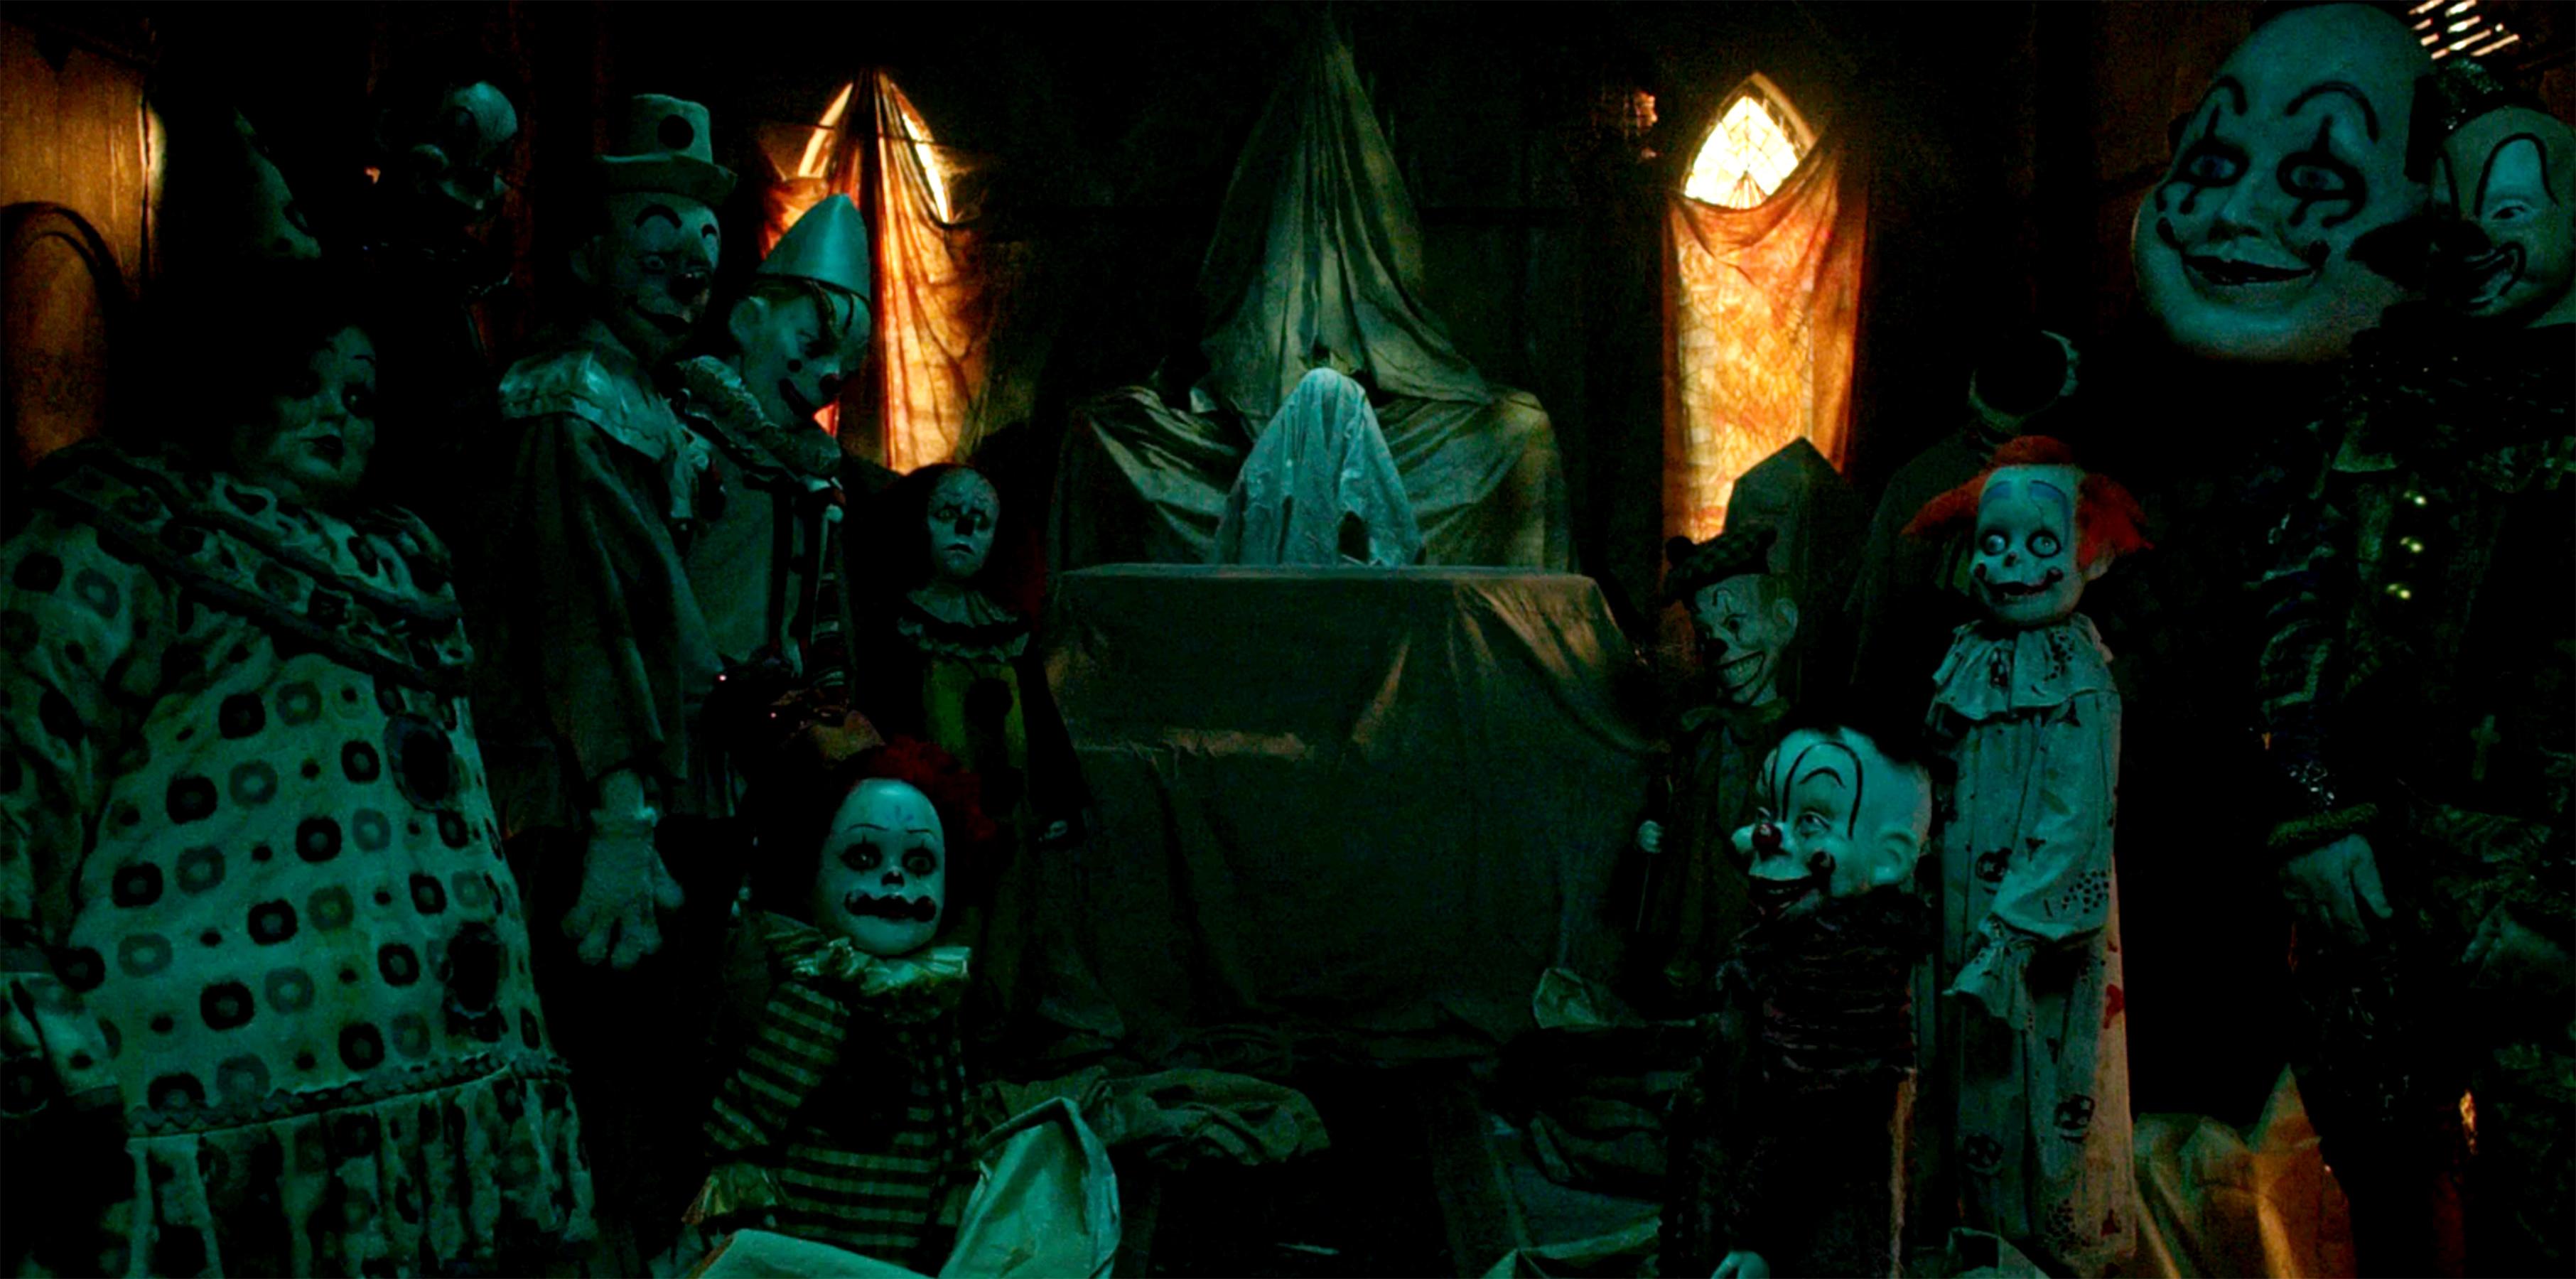 La stanza dei clown in una scena di It